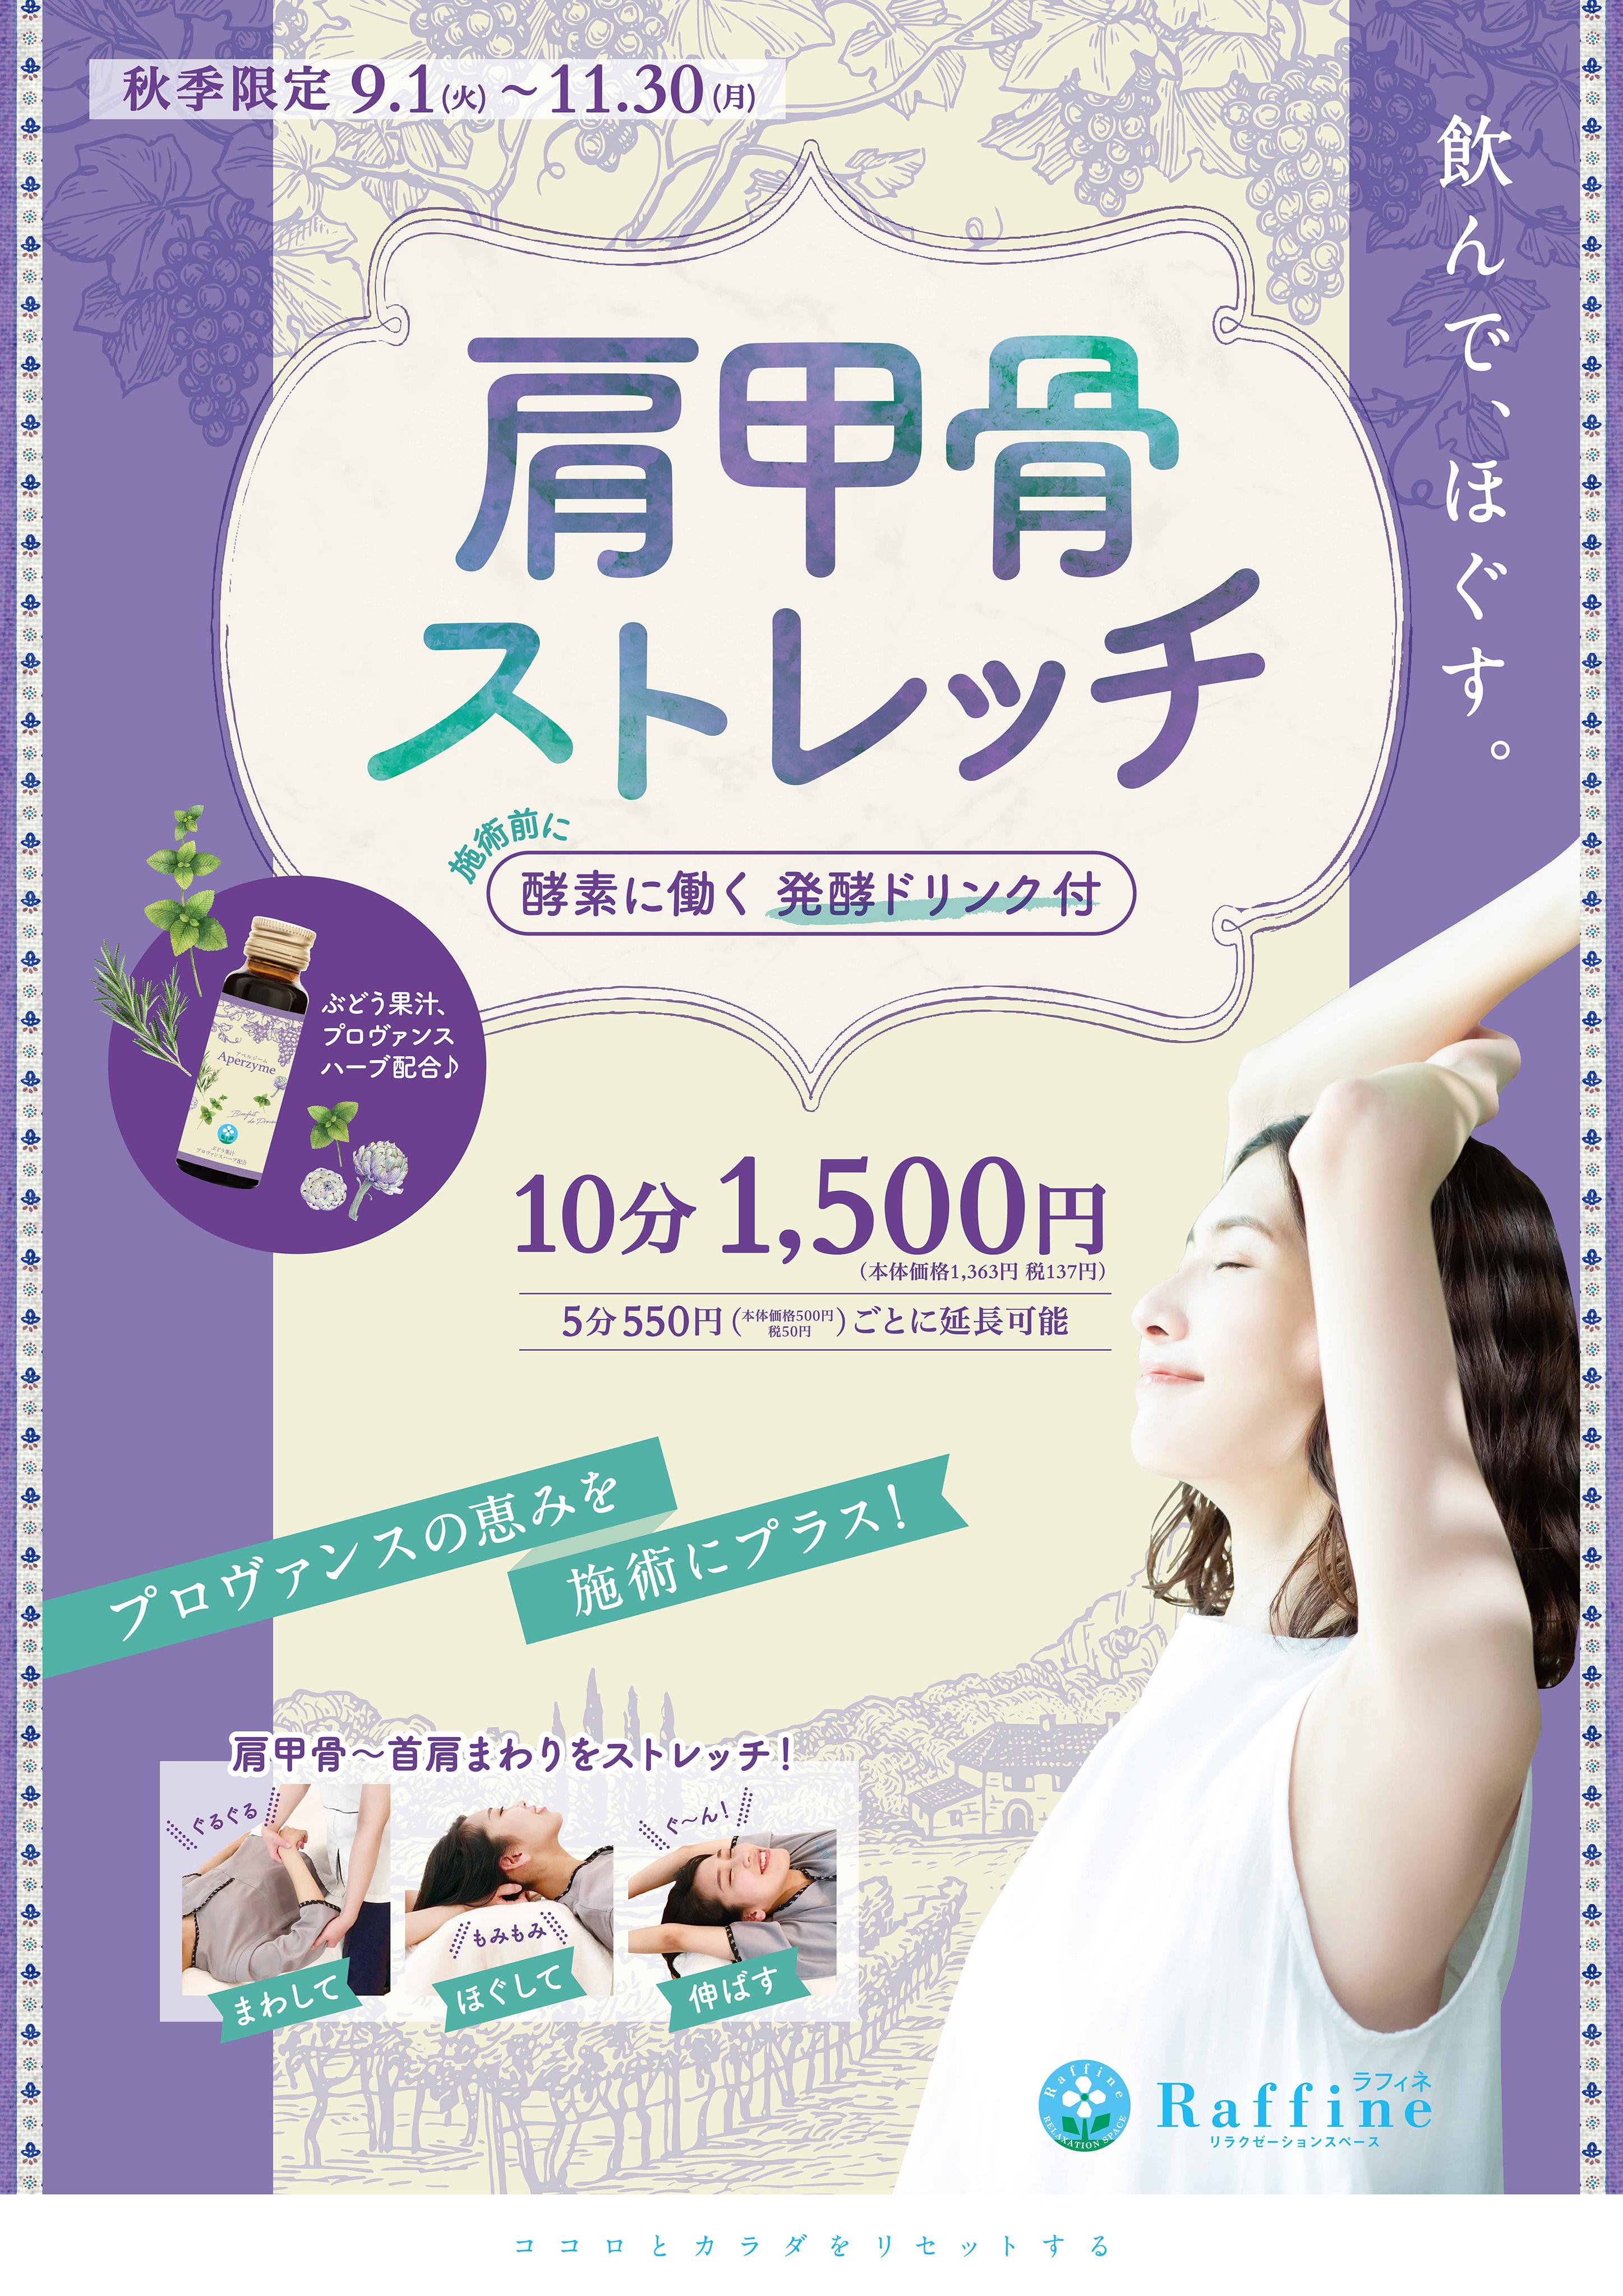 4F ラフィネ ☆肩甲骨ストレッチキャンペーン☆